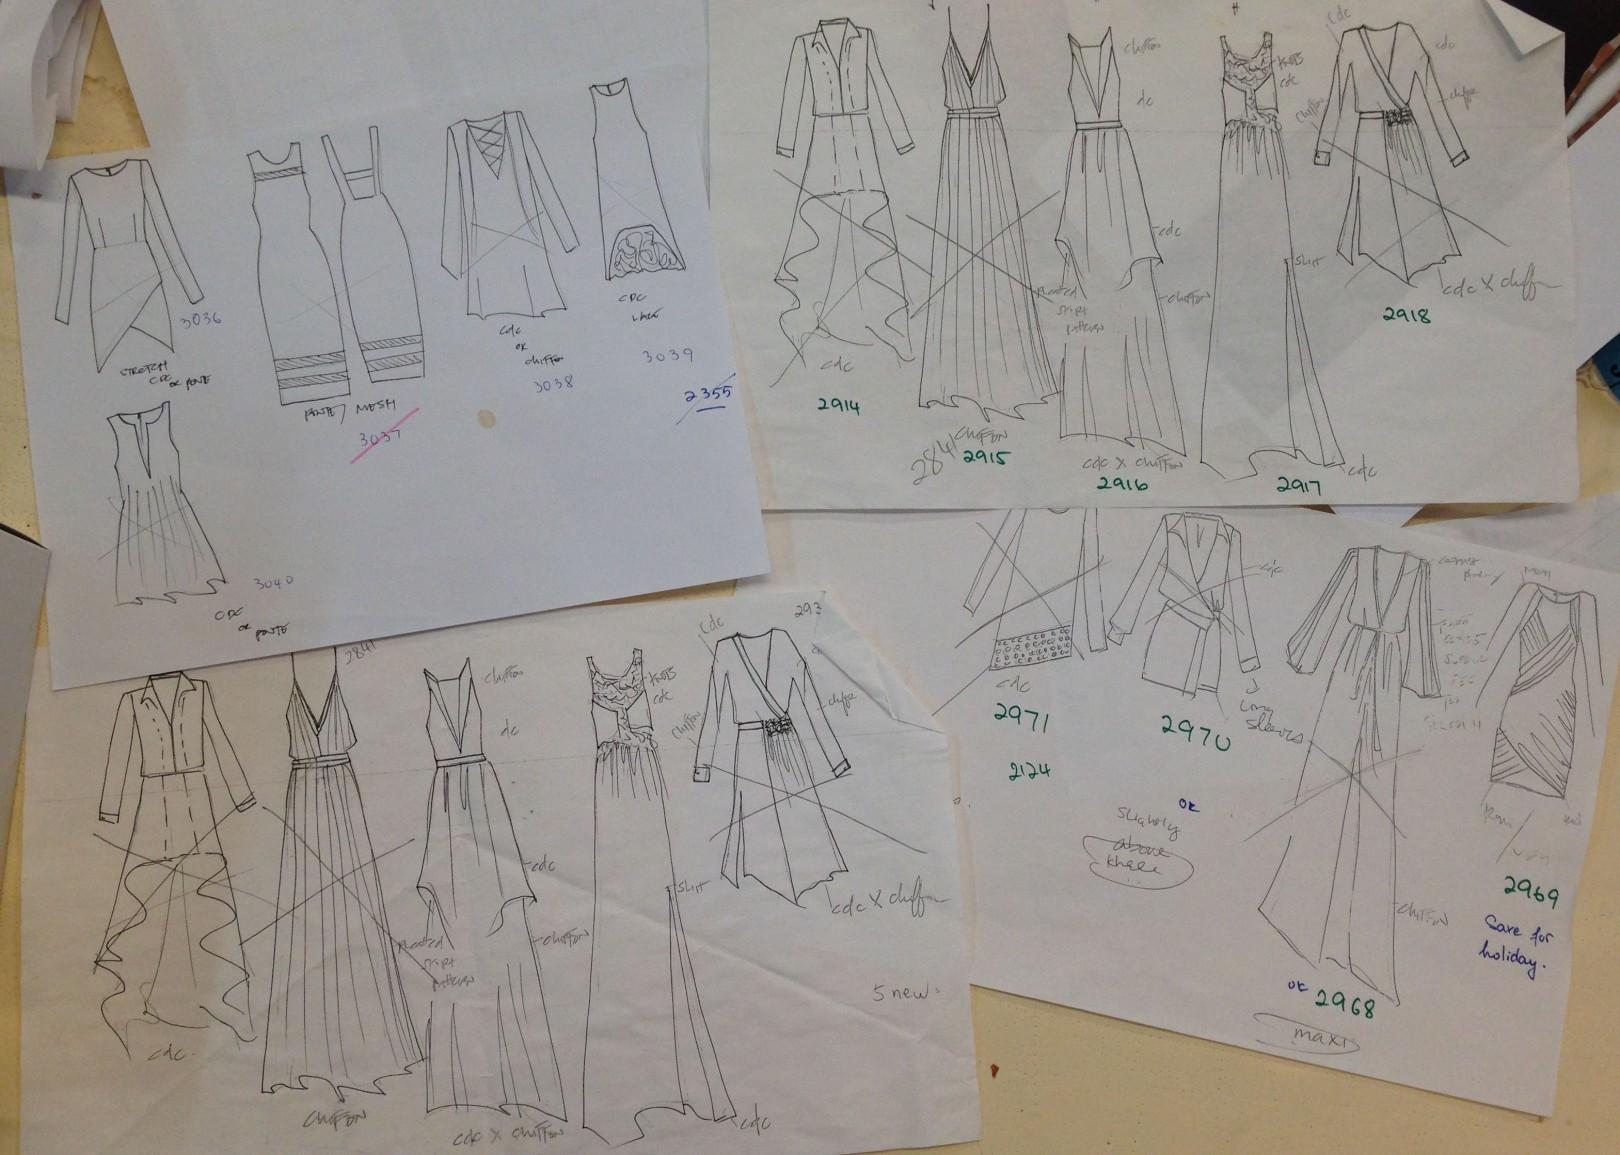 Designer Sketches, photo: Melissa Lugo, EDGExpo.com